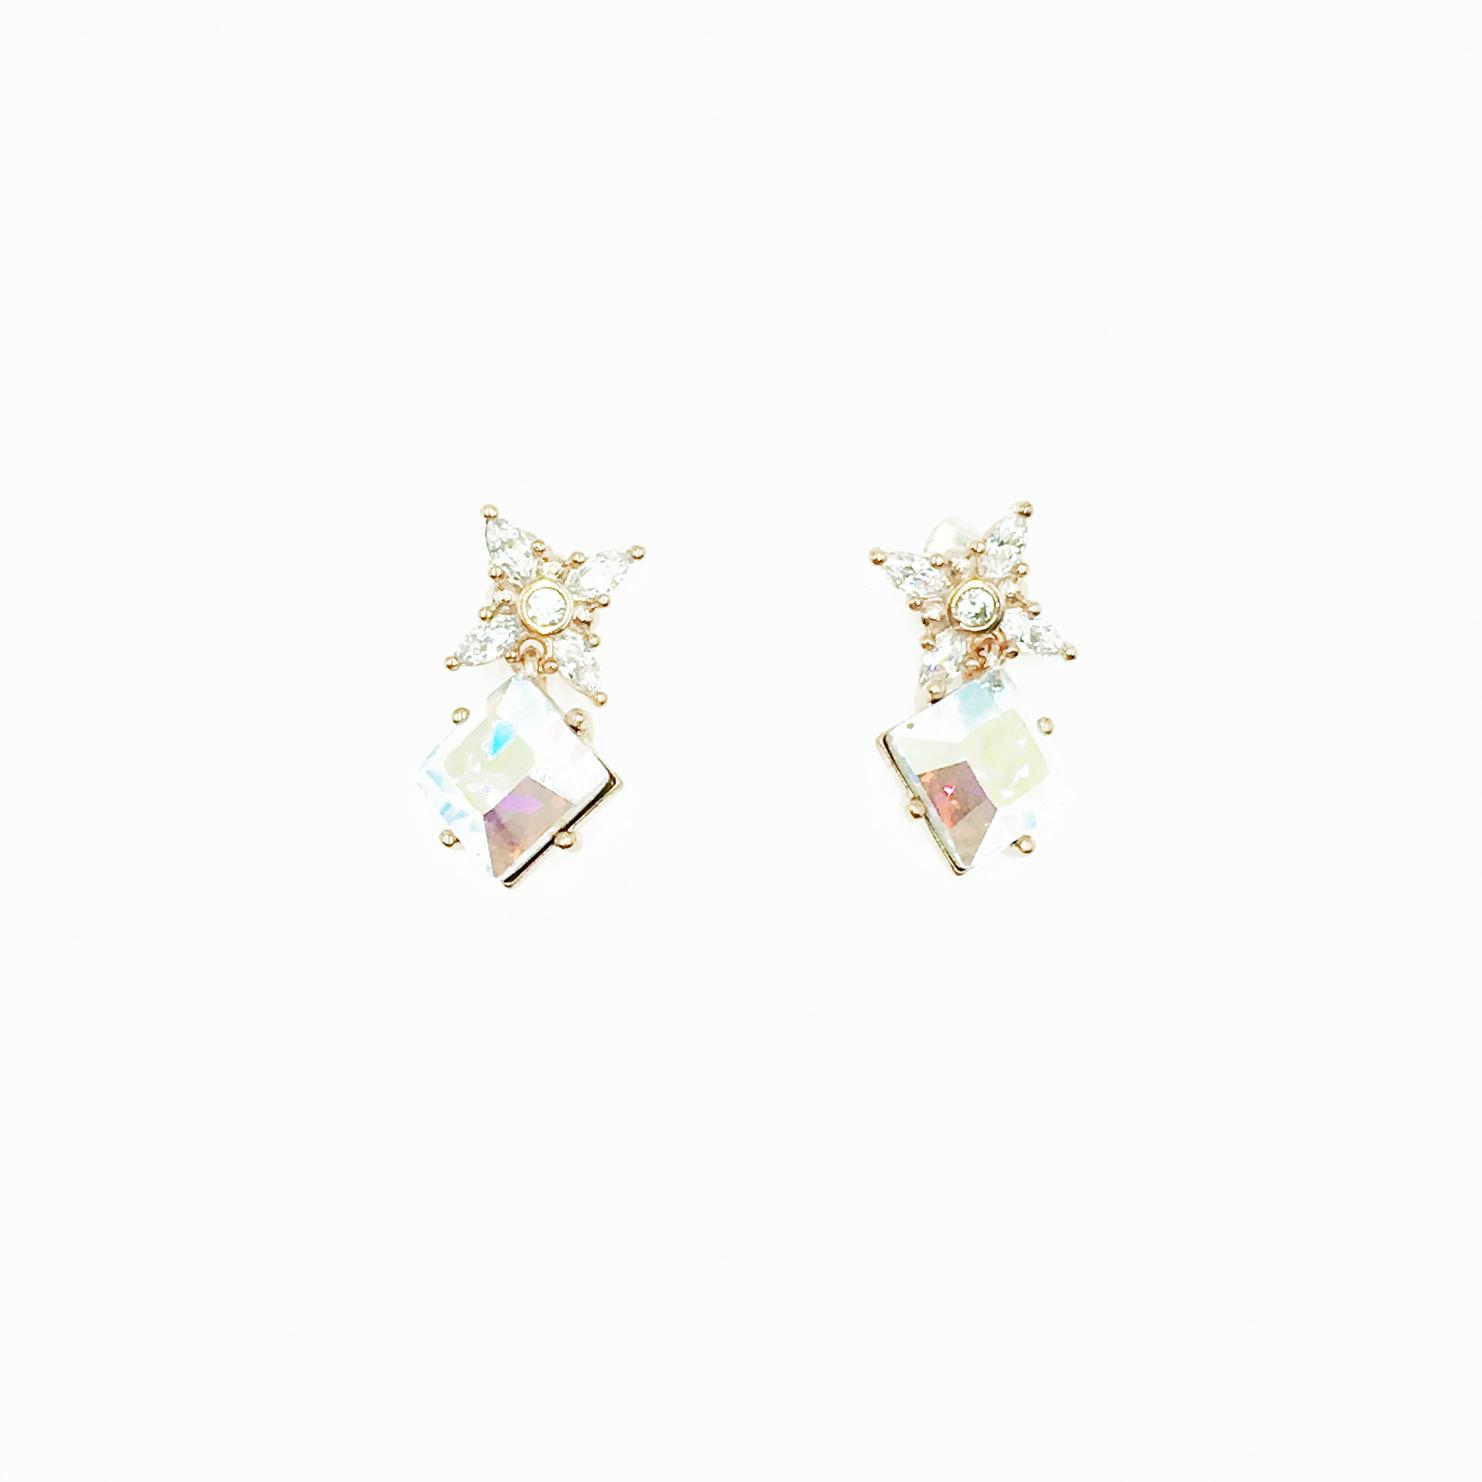 韓國 925純銀 施華洛世奇水鑽 菱形雷射切割面 玫瑰金 垂墜感 耳針式耳環